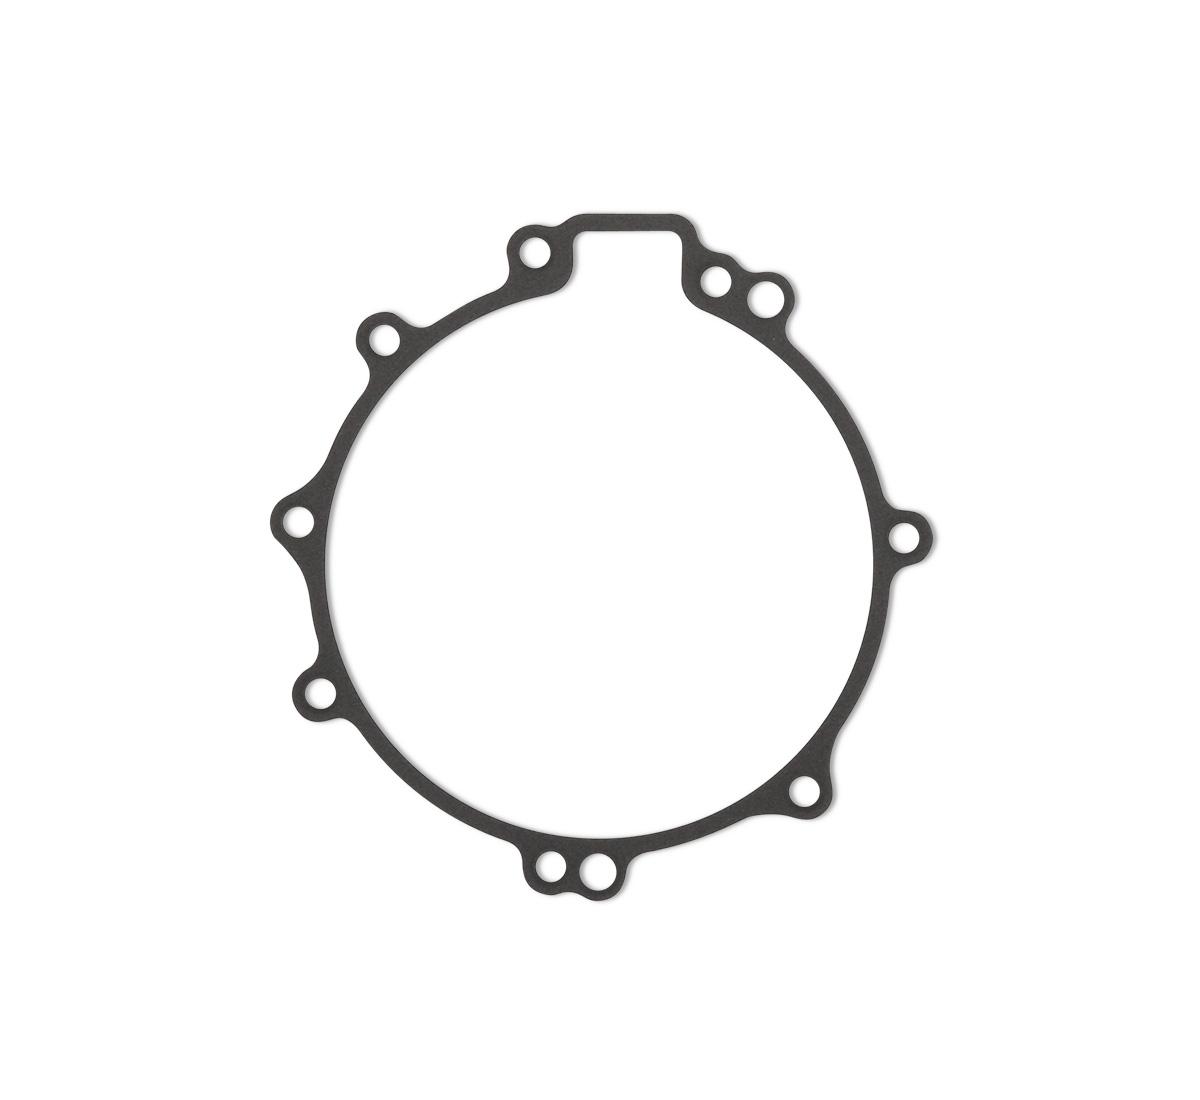 Motorcycle Generator Cover Gasket